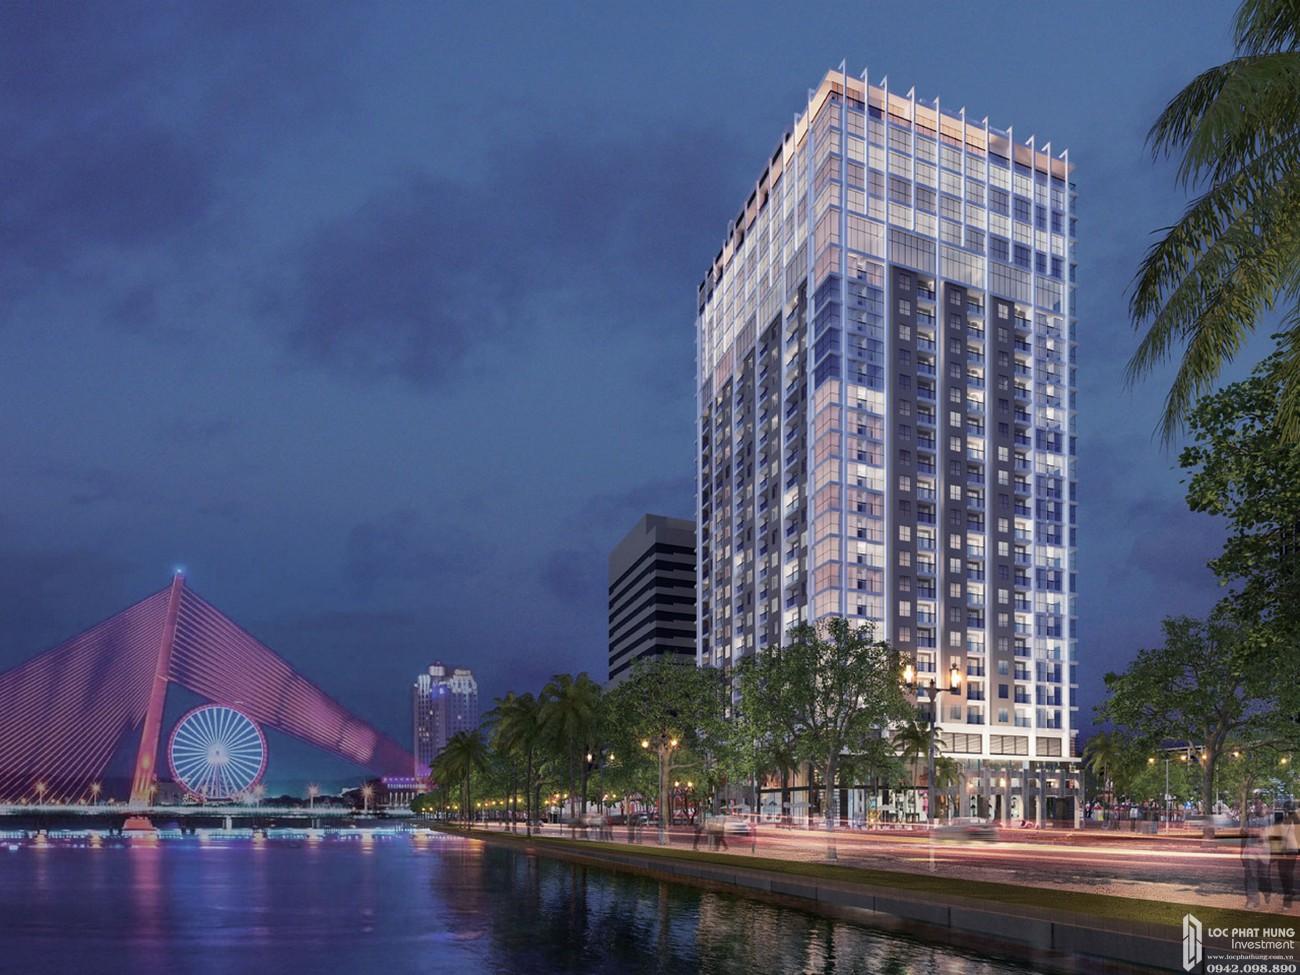 Phối cảnh dự án căn hộ Nagomi Sông Hàn Đà Nẵng